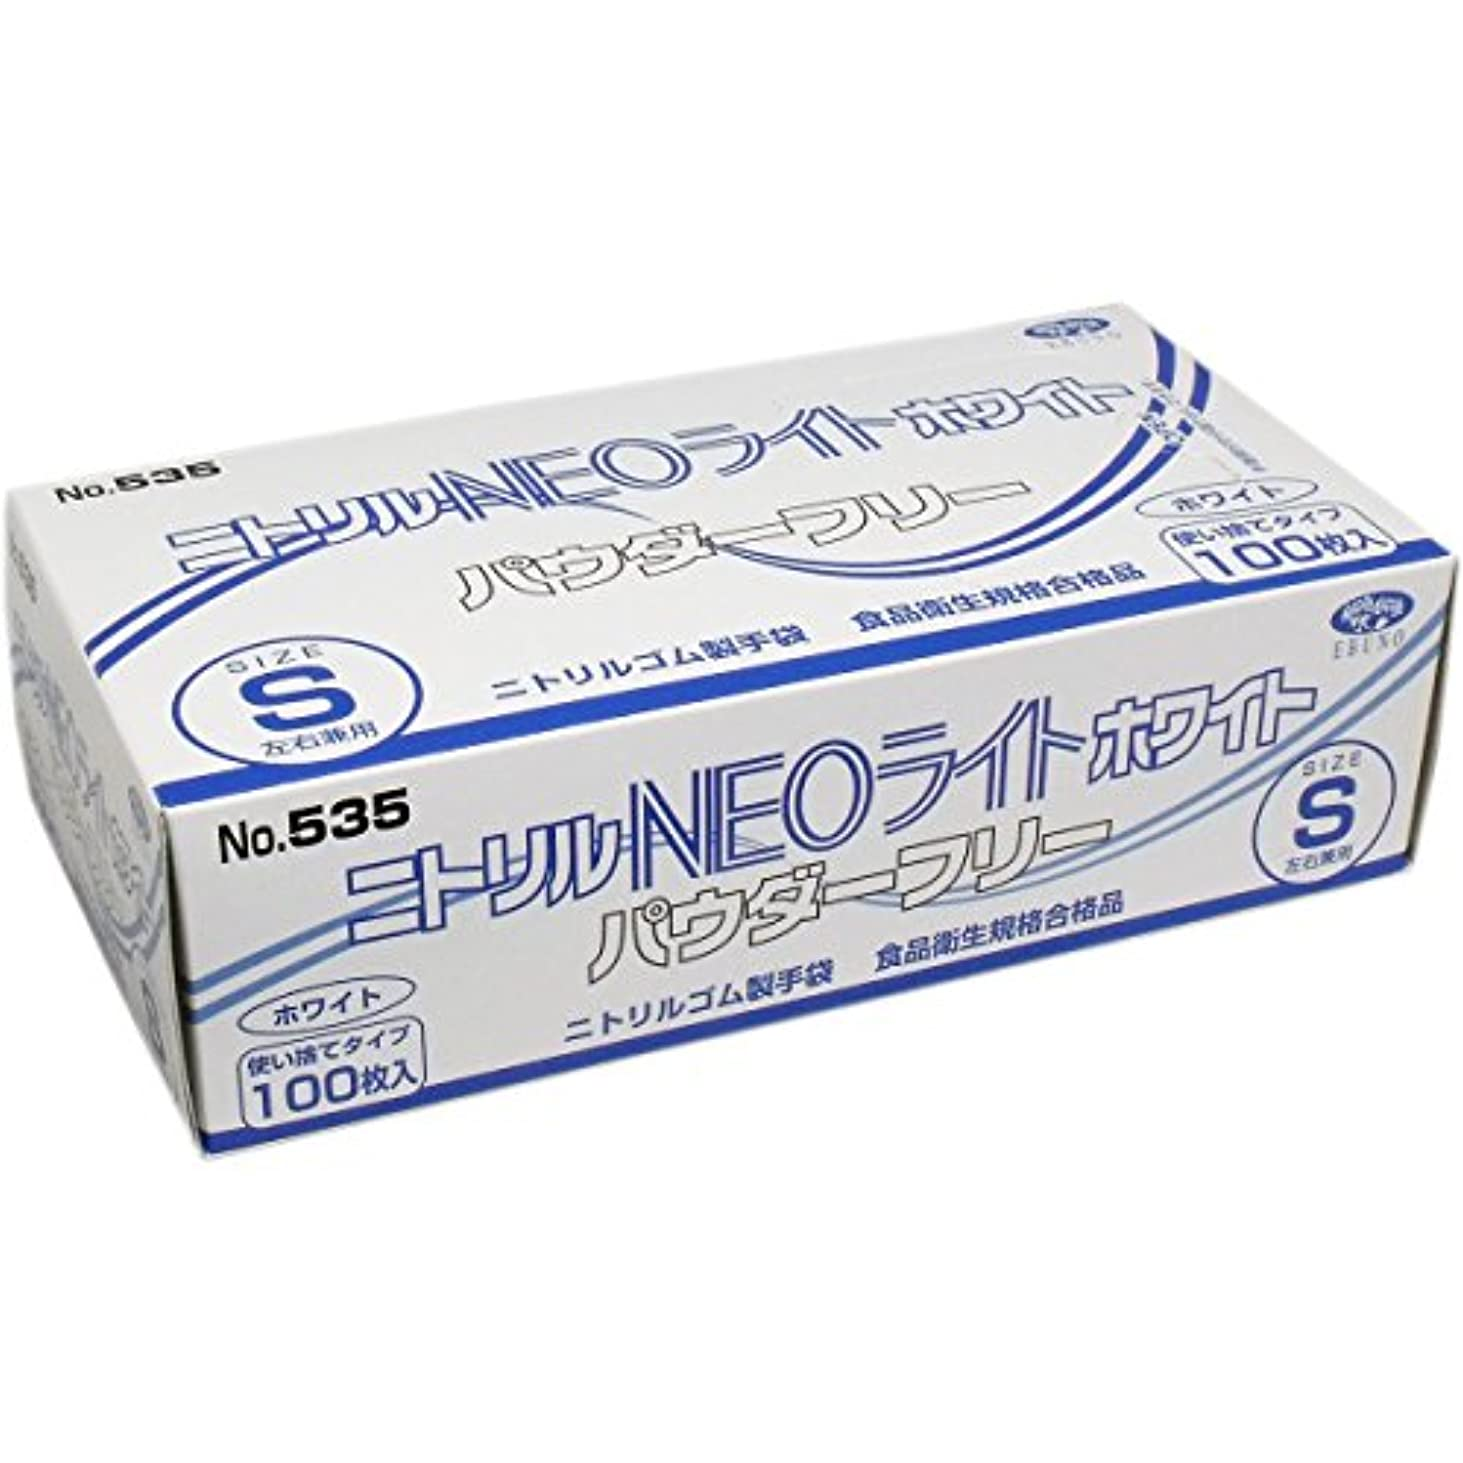 フライカイト援助セレナニトリル手袋 NEOライト パウダーフリー ホワイト Sサイズ 100枚入(単品)